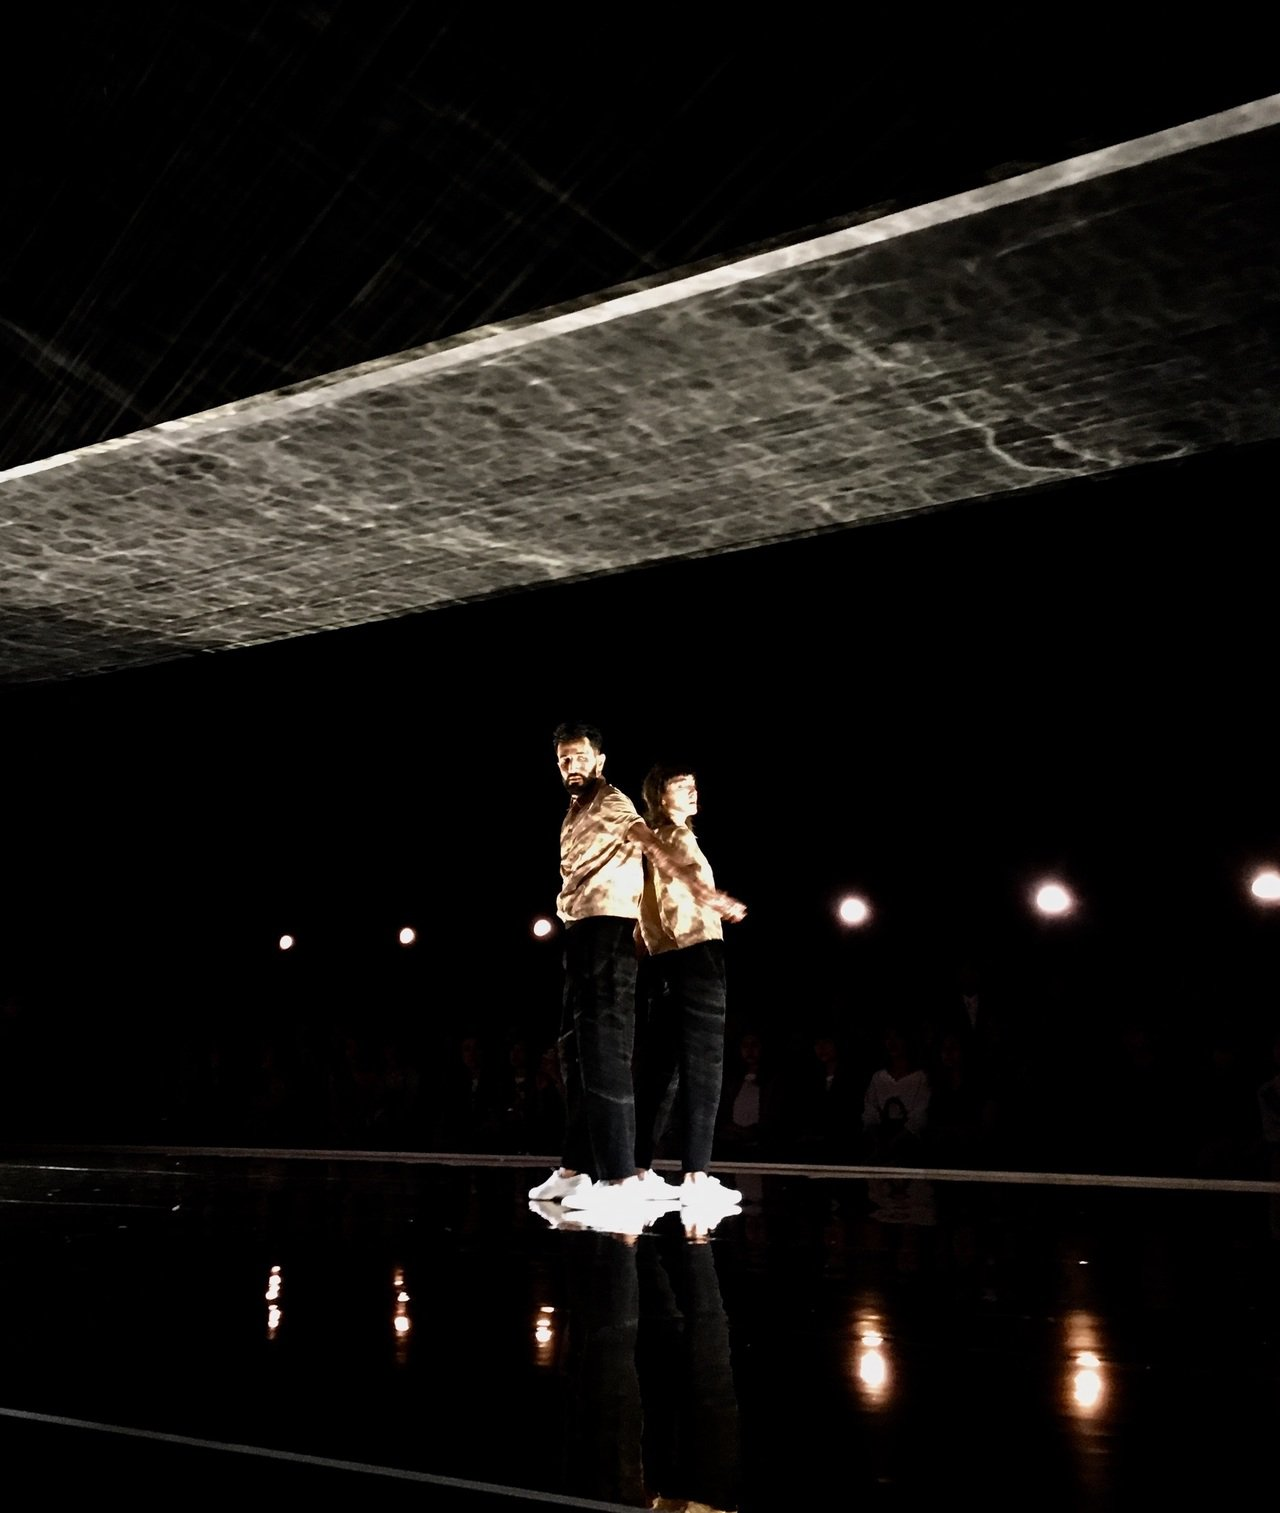 兩位主要舞者以肢體表現出互相糾纏、連結又分開的舞碼,象徵「流光鏈影」系列鏈飾的特...